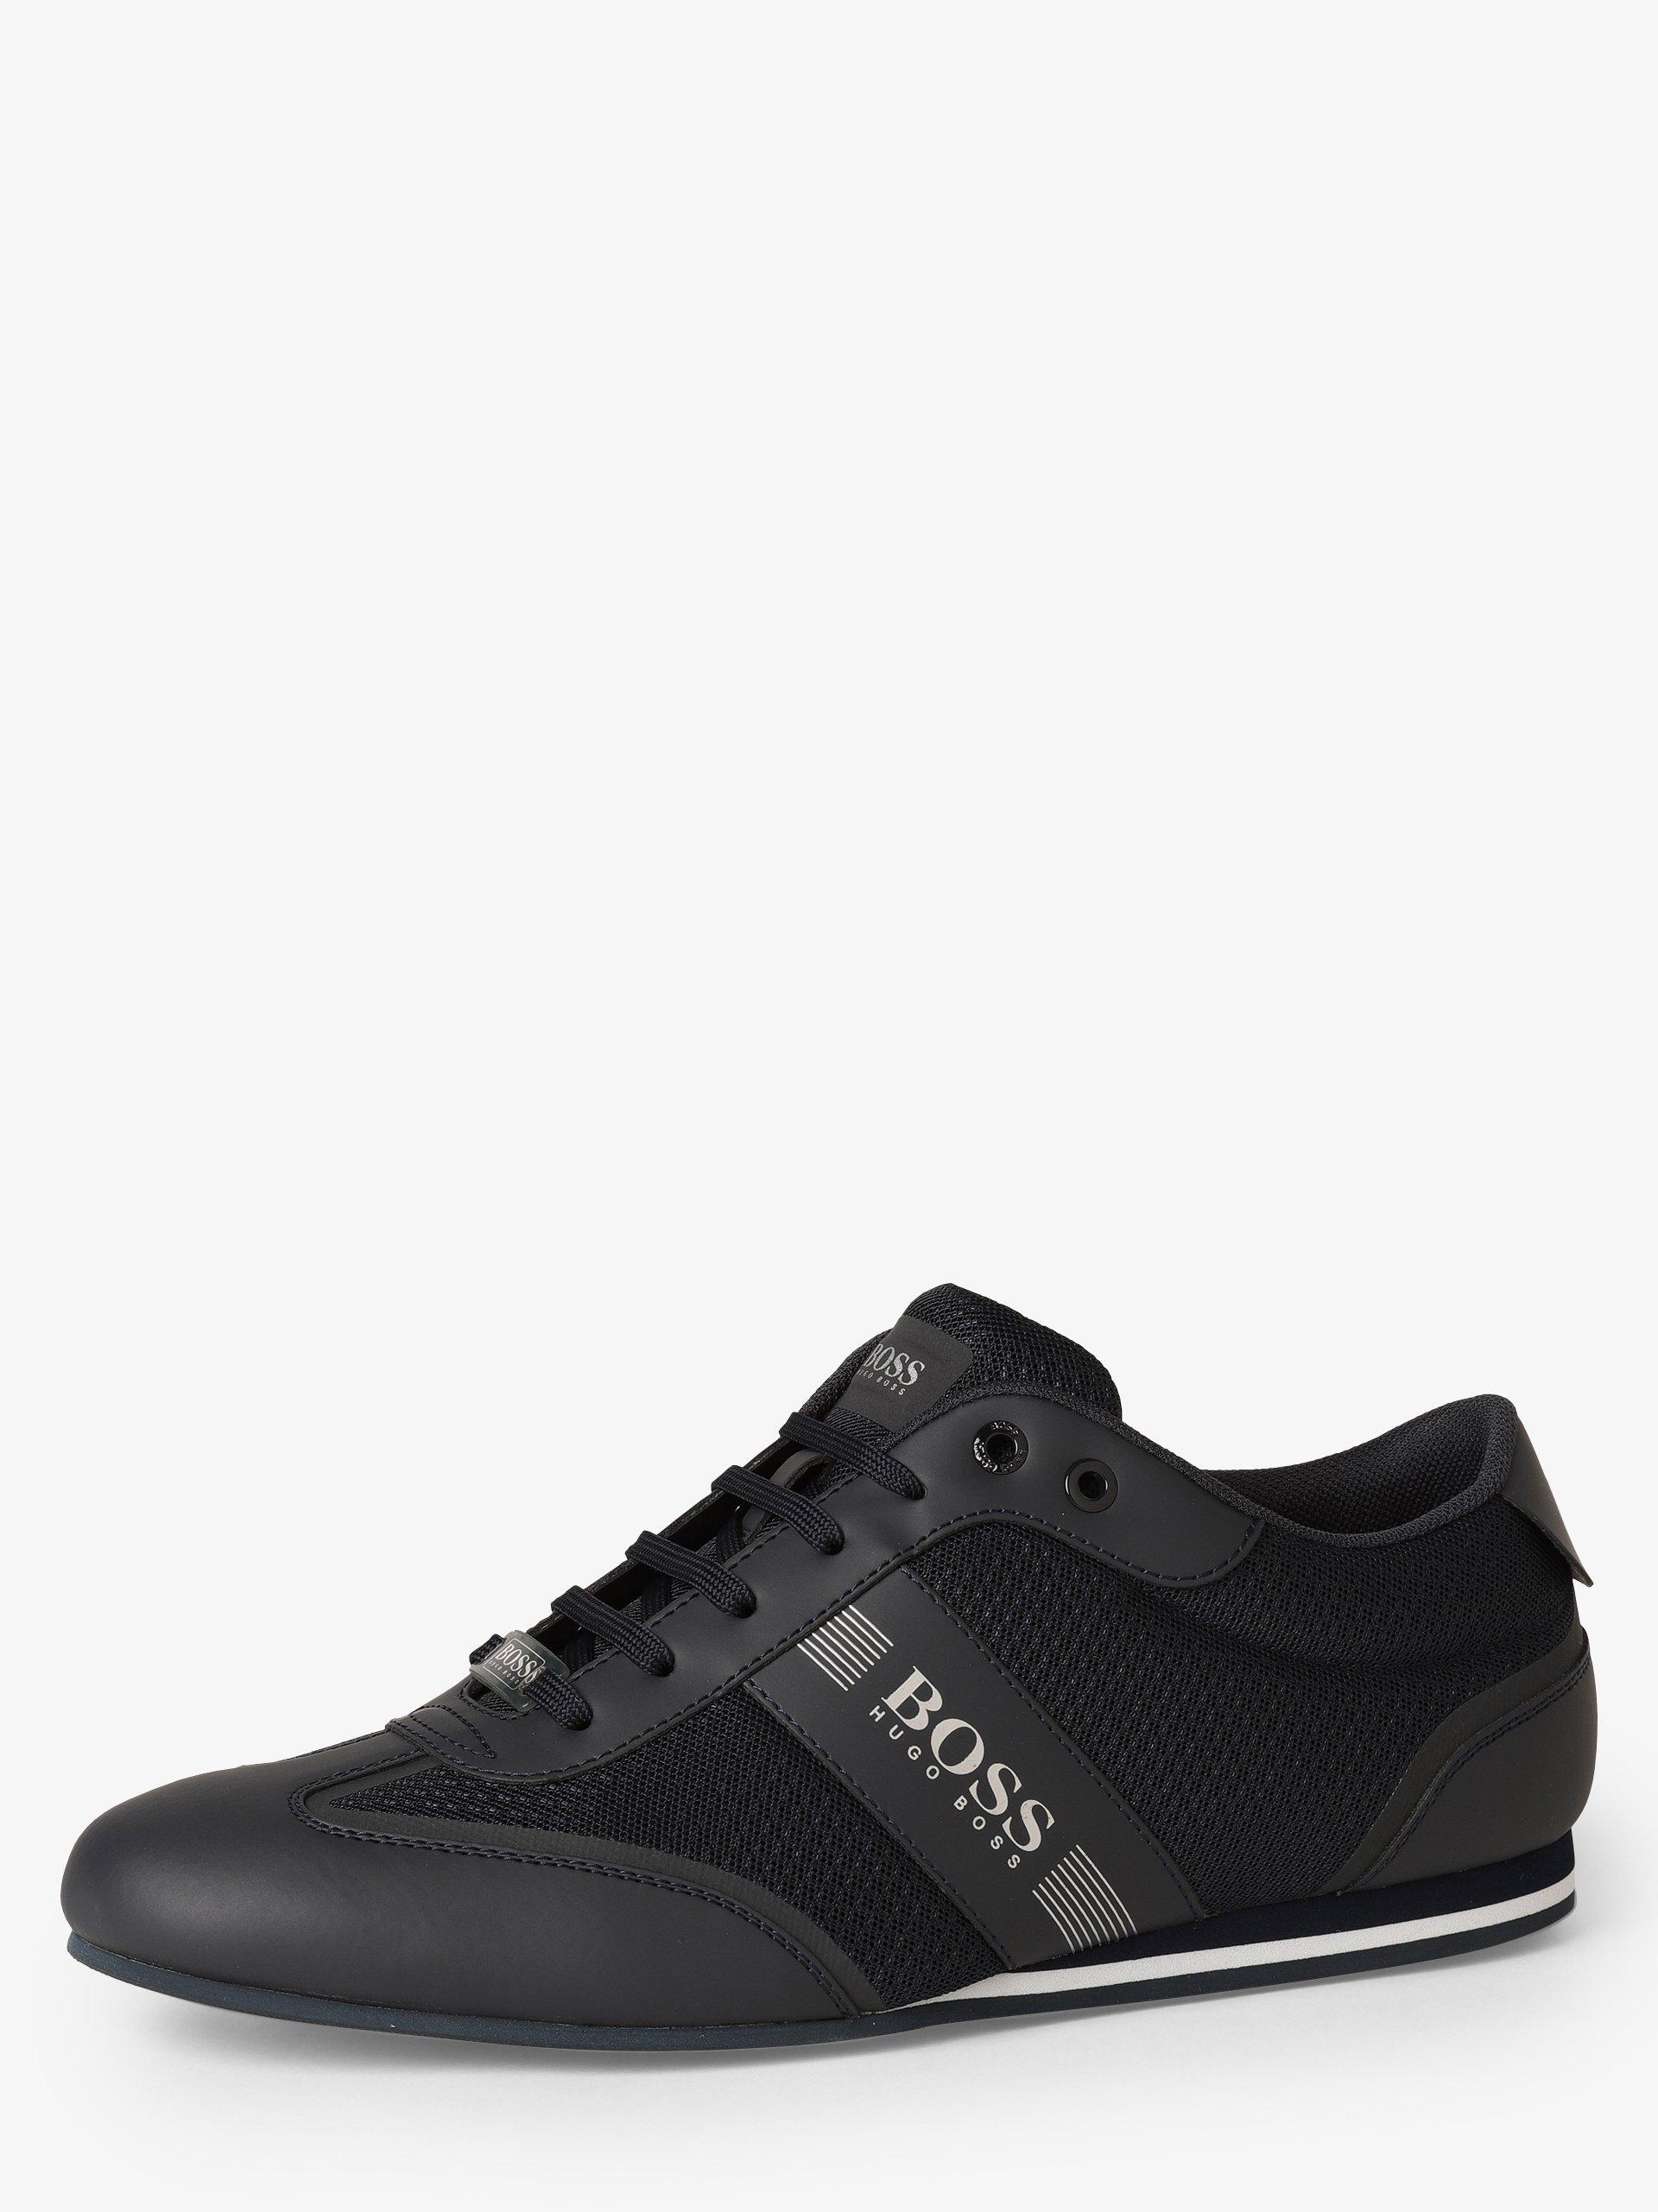 BOSS Athleisure Herren Sneaker - Lighter_Lowp_mxme